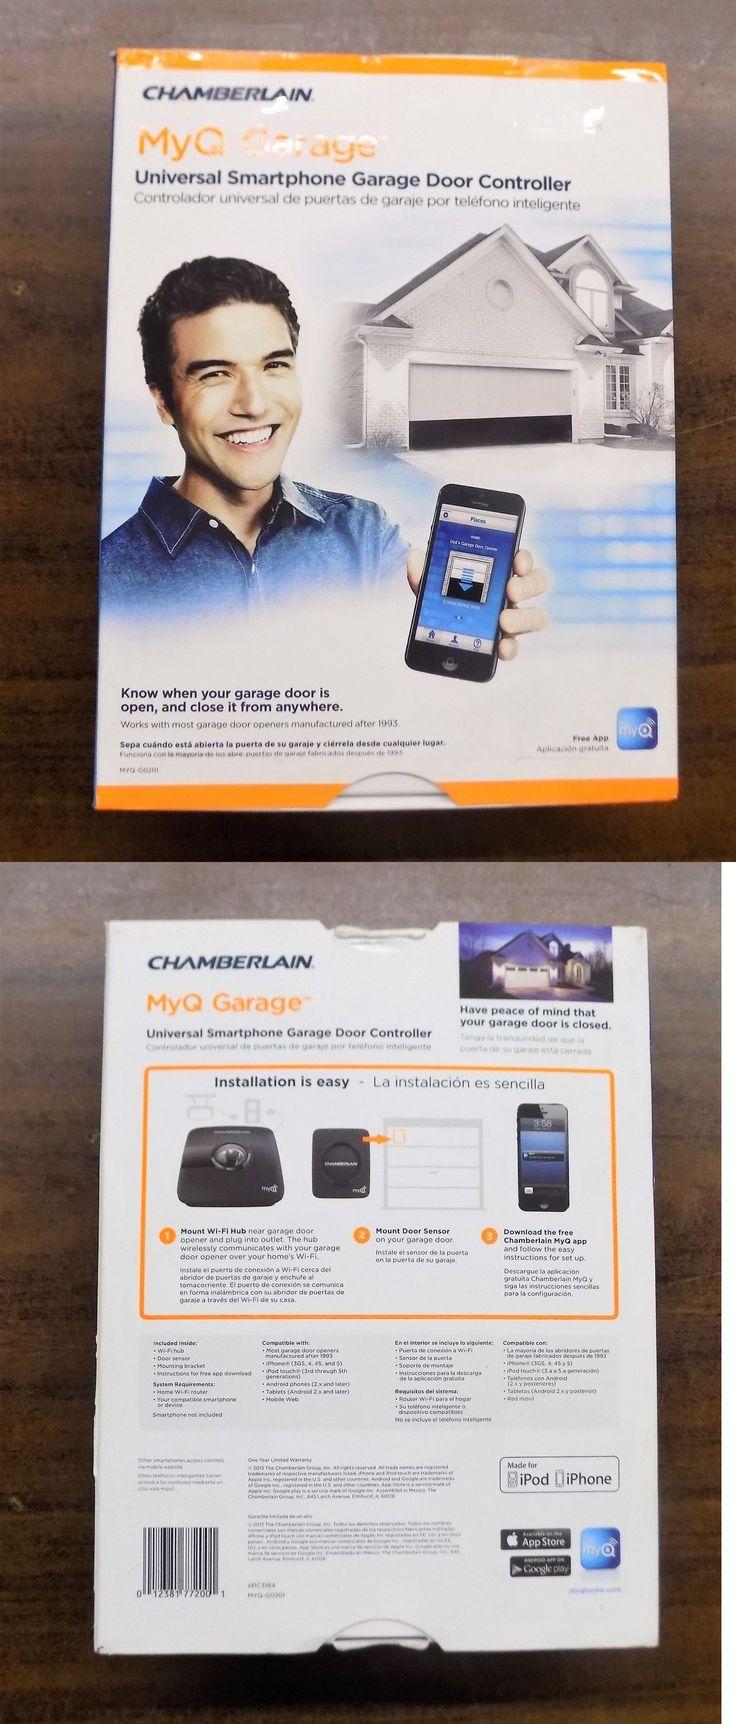 Garage Door Remotes 85899: Chamberlain Myq-Garage, Universal Smartphone Control Garage Door Opener New -> BUY IT NOW ONLY: $89.5 on eBay!